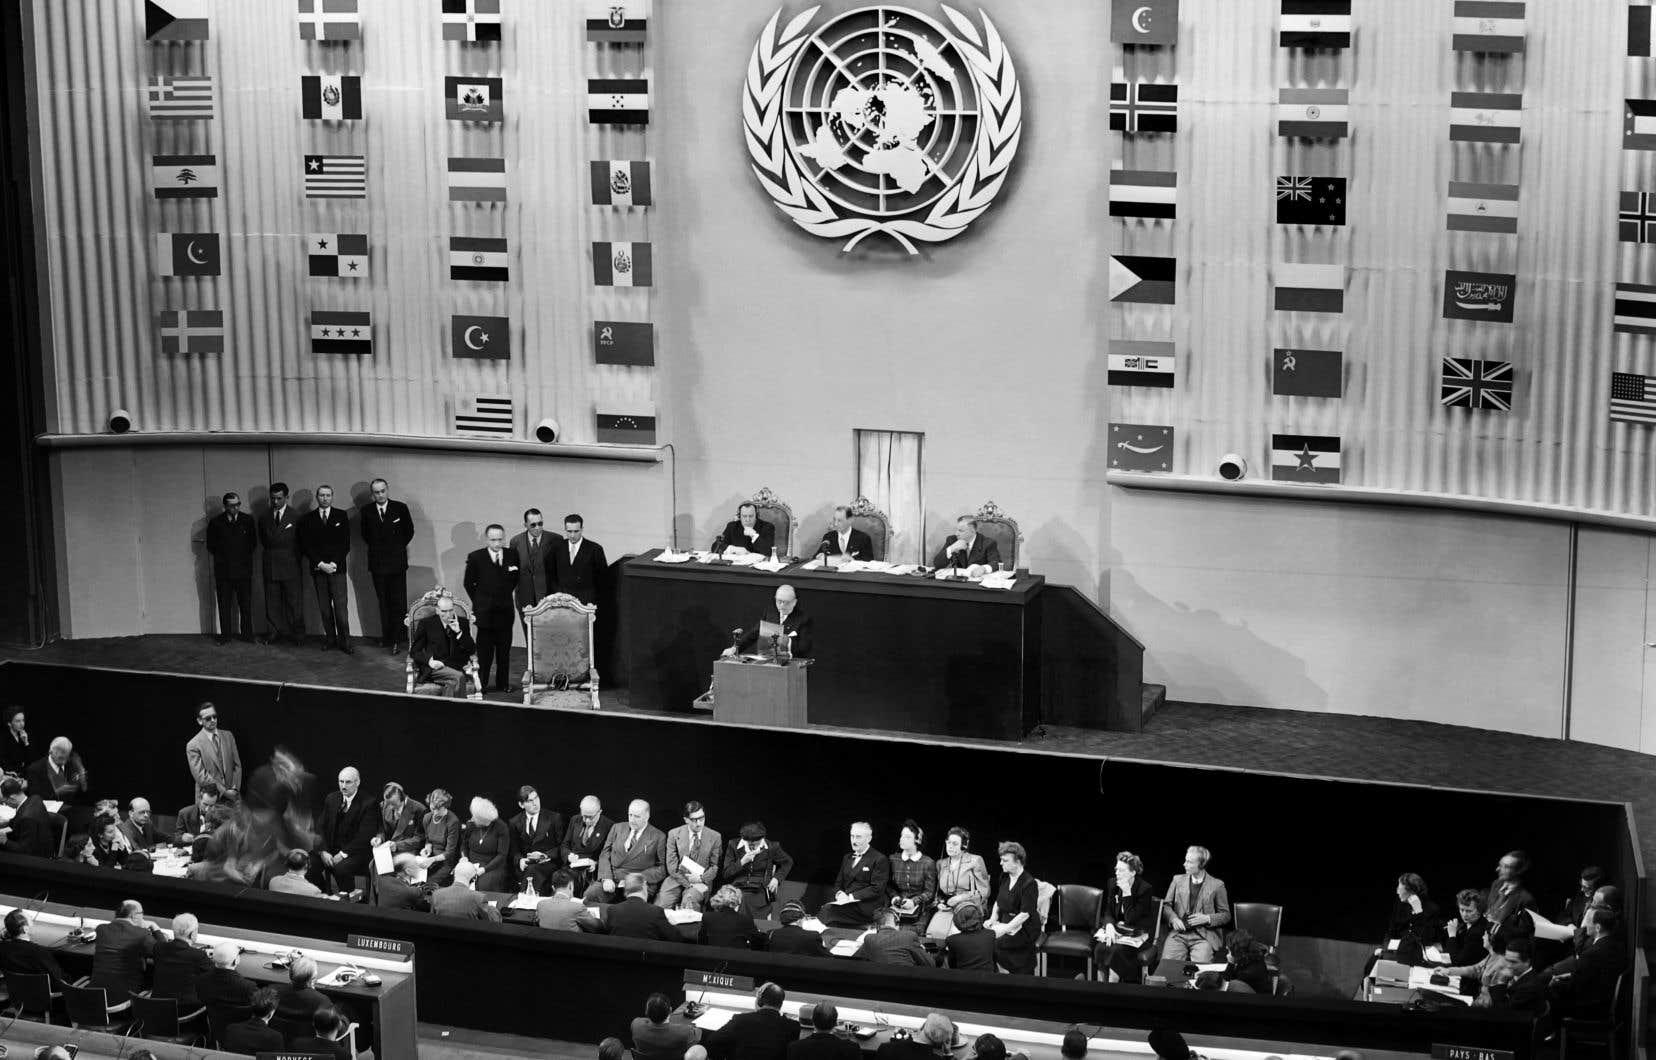 La Déclaration universelle des droits de l'homme a été adoptée par l'Assemblée générale des Nations unies à Paris il y a 70ans, soit le 10décembre 1948.